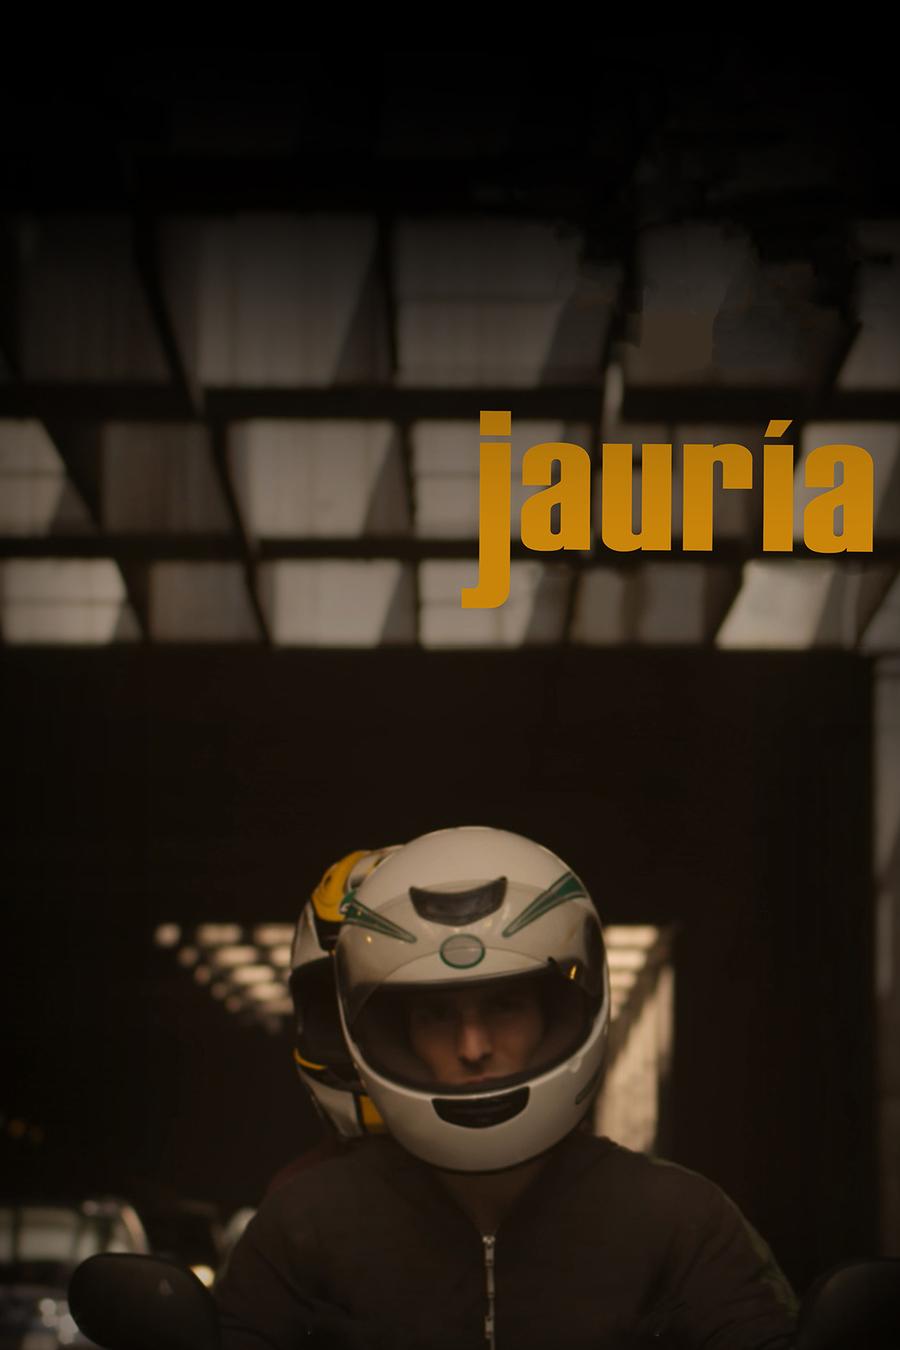 Jauría